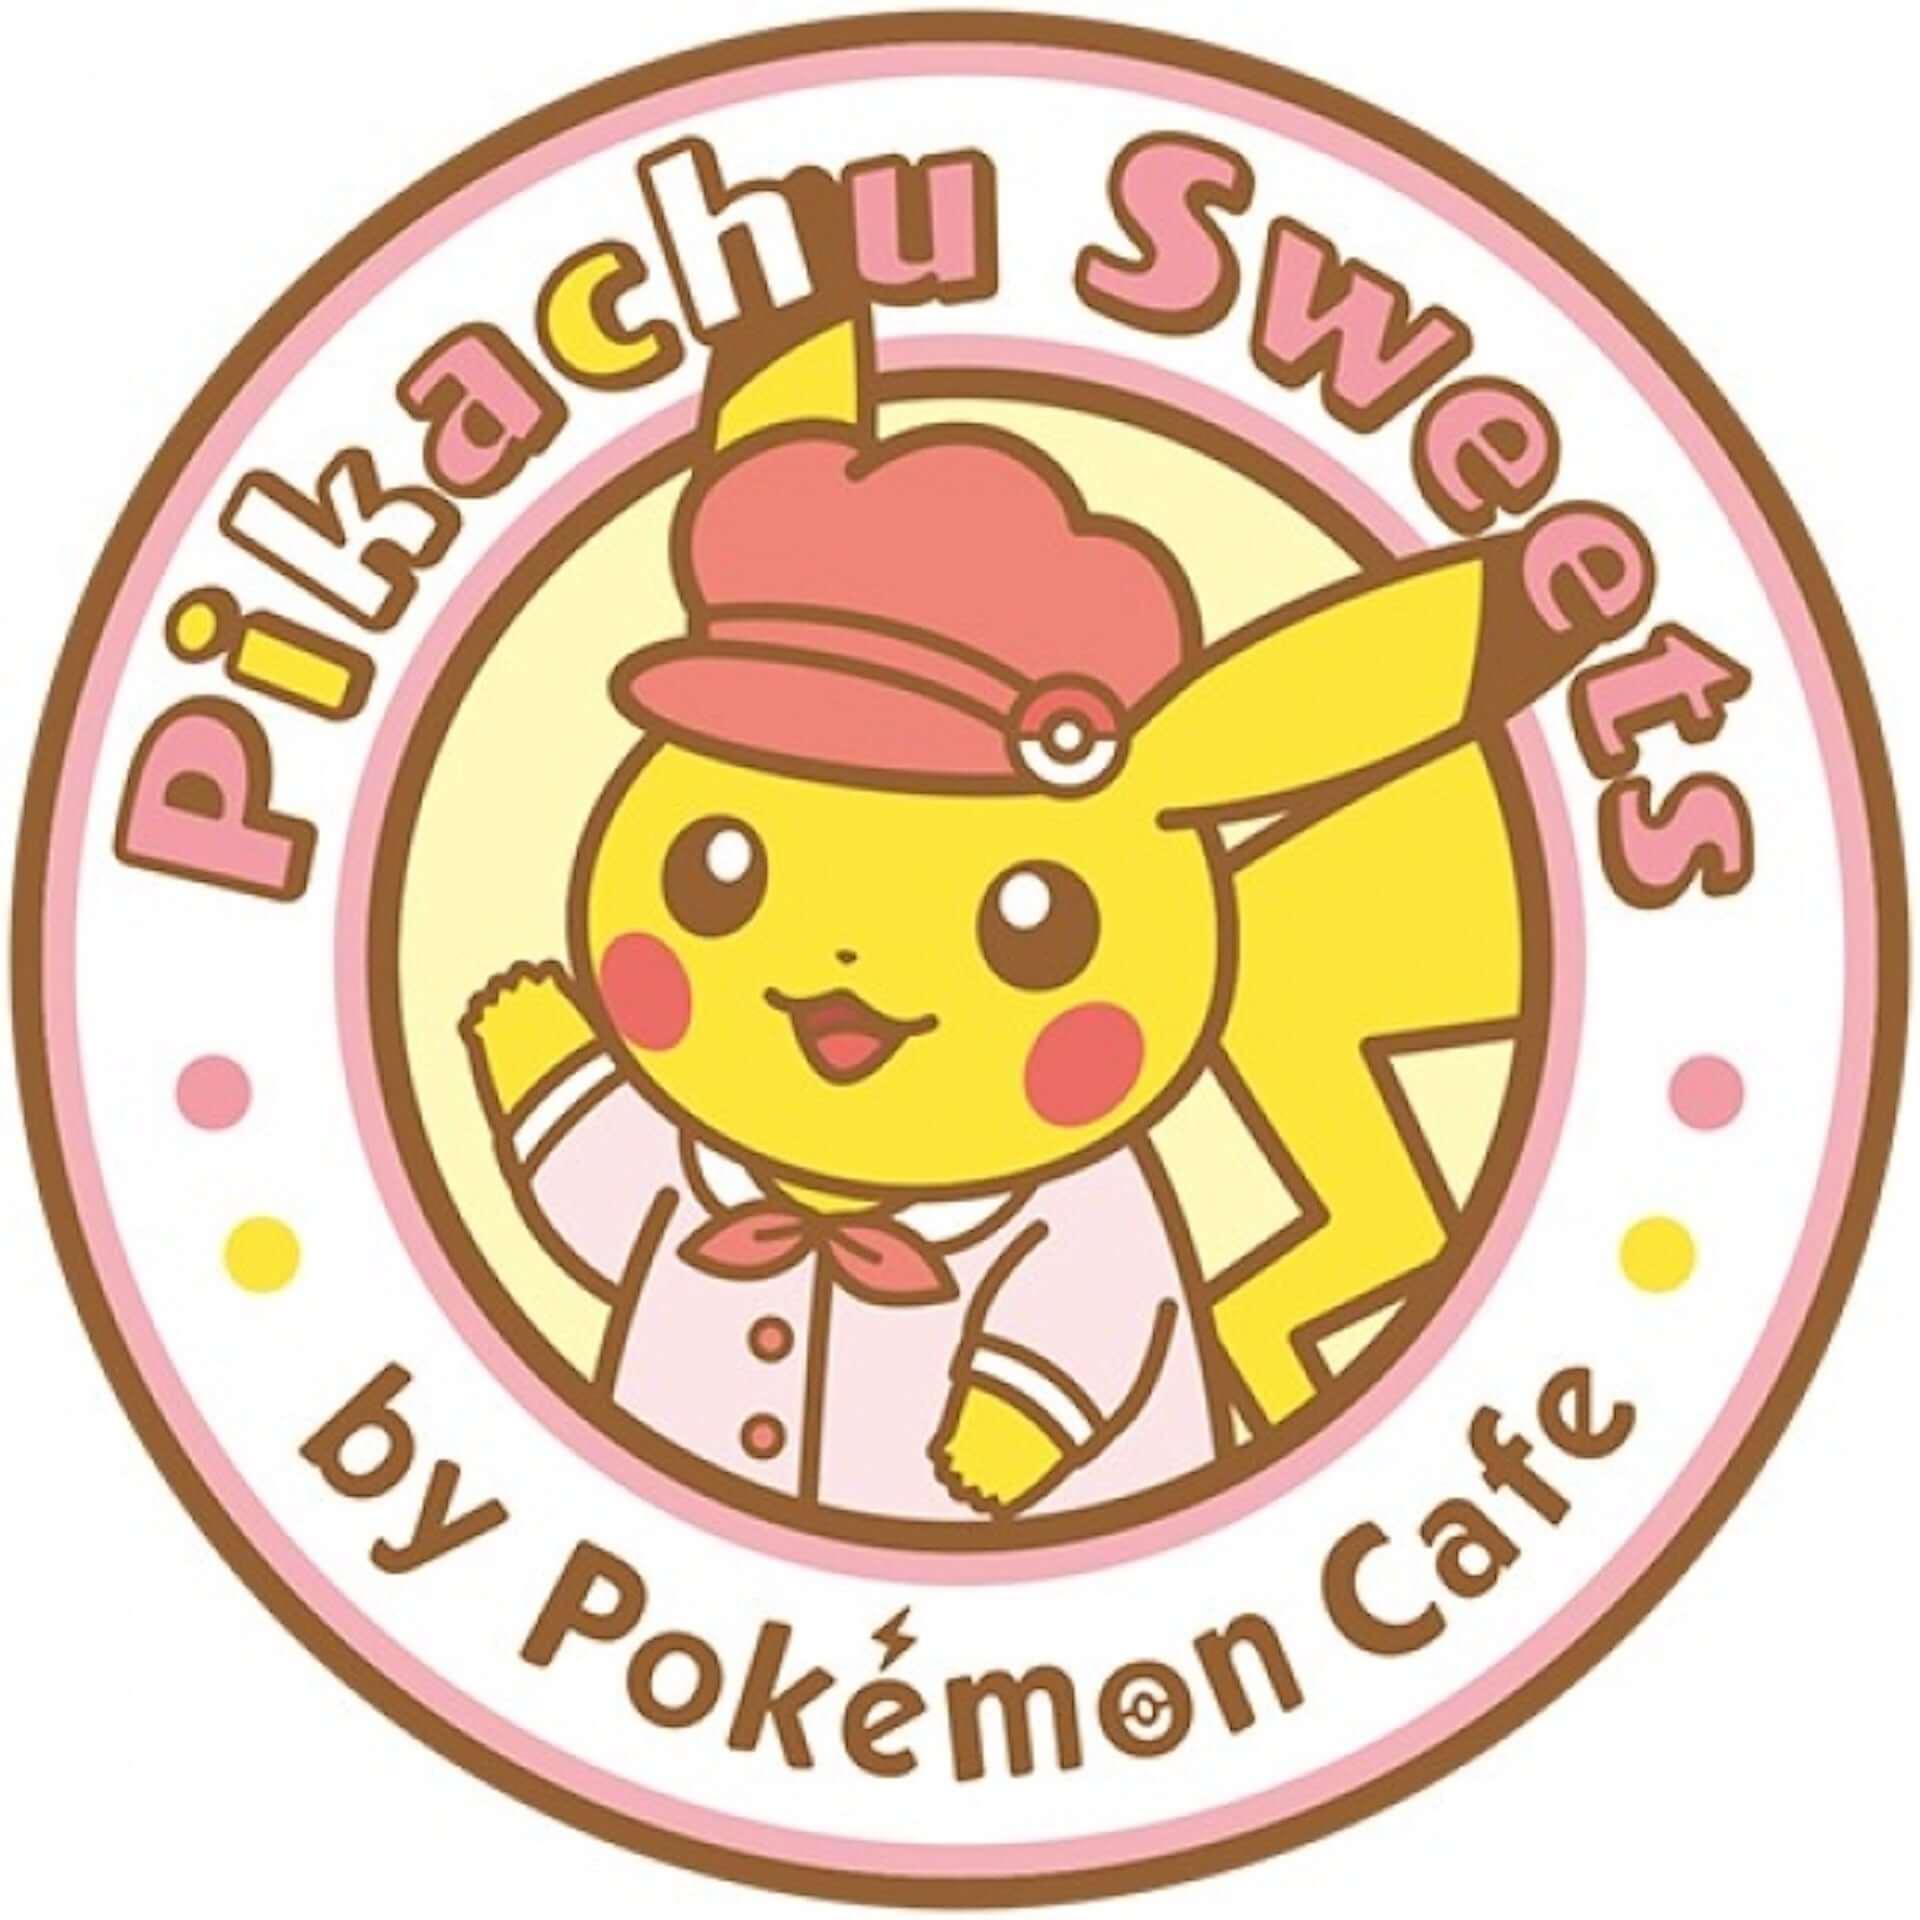 ピカチュウがクリスマスケーキになって登場!『ホームパーティセット』が「ポケモンカフェ」&「ピカチュウスイーツ by ポケモンカフェ」にて予約販売決定 gourmet201023_pokemon-xmas_1-1920x1920